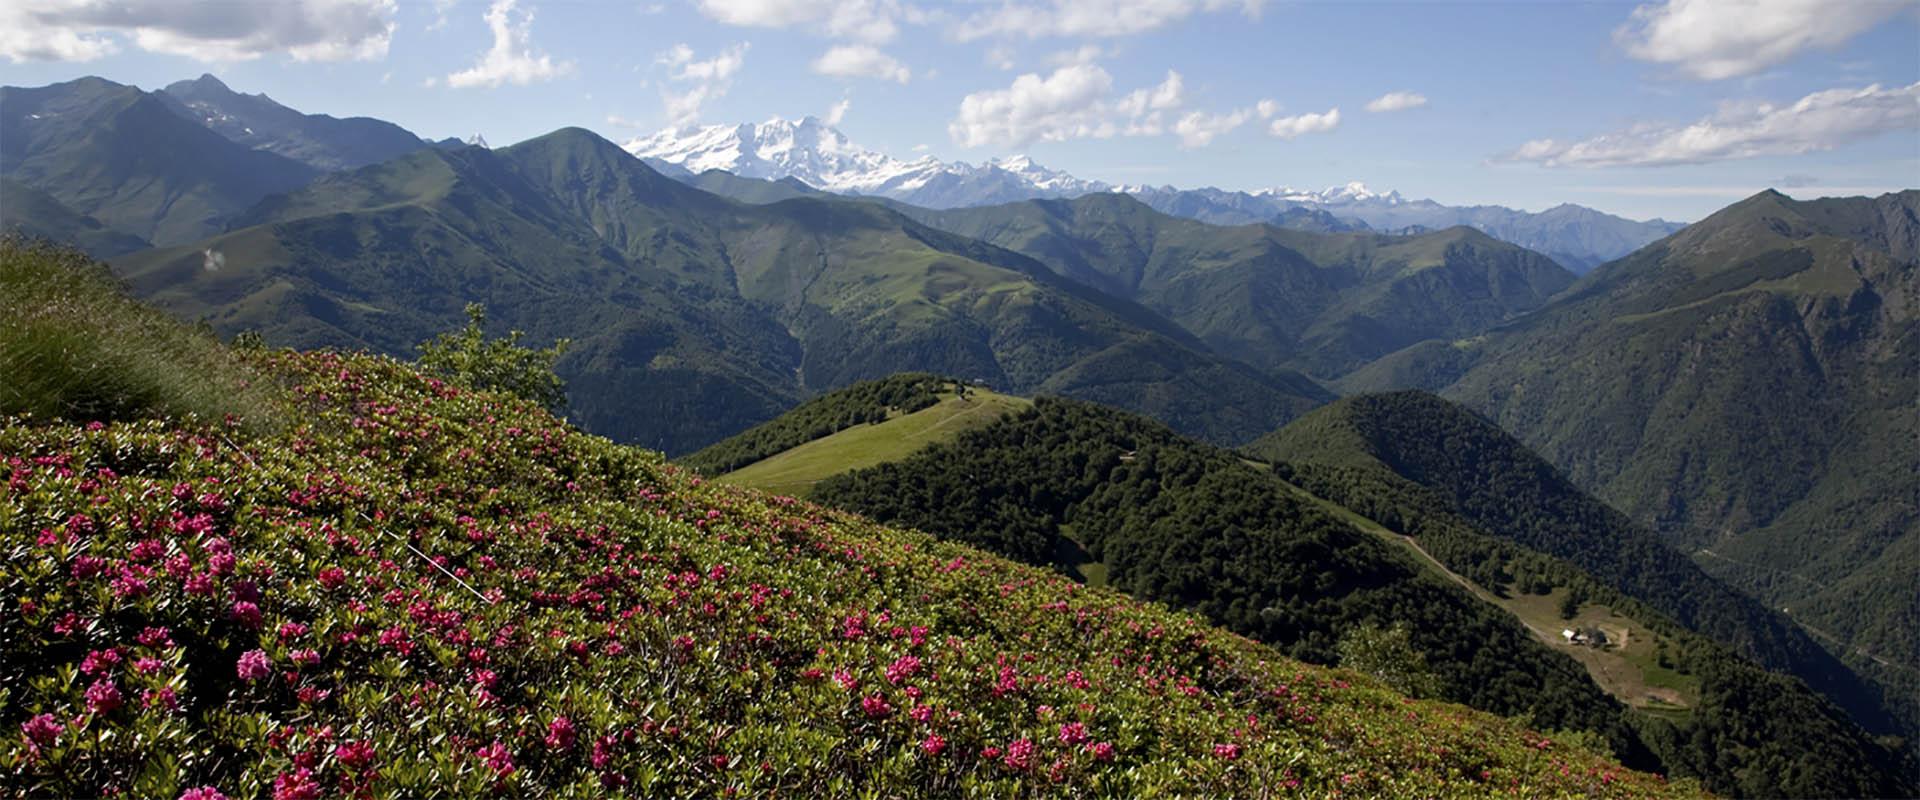 alpemoncerchio-fiori-montagne